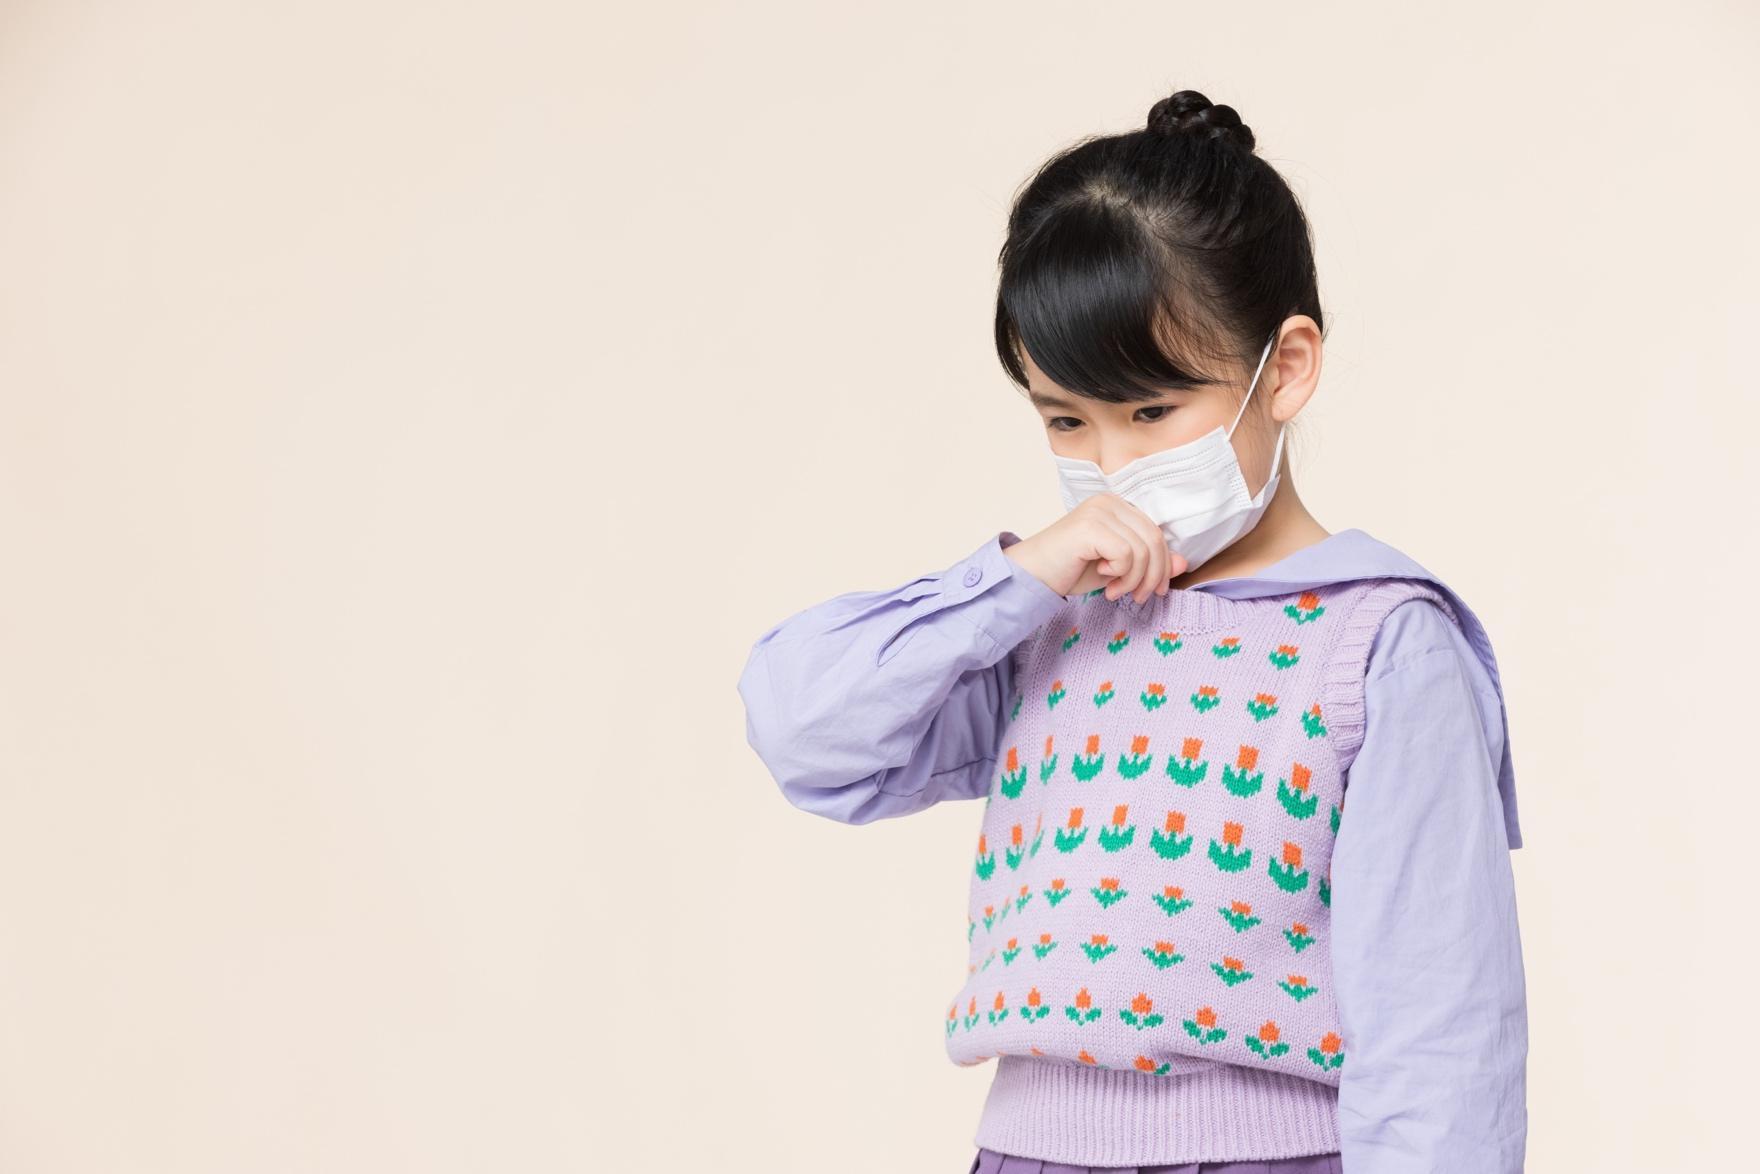 Nếu chỉ tiêm vaccine mà không đề cao vệ sinh cá nhân, khử khuẩn môi trường sống, khẩu trang... thì nguy cơ dịch vẫn tiềm tàng.